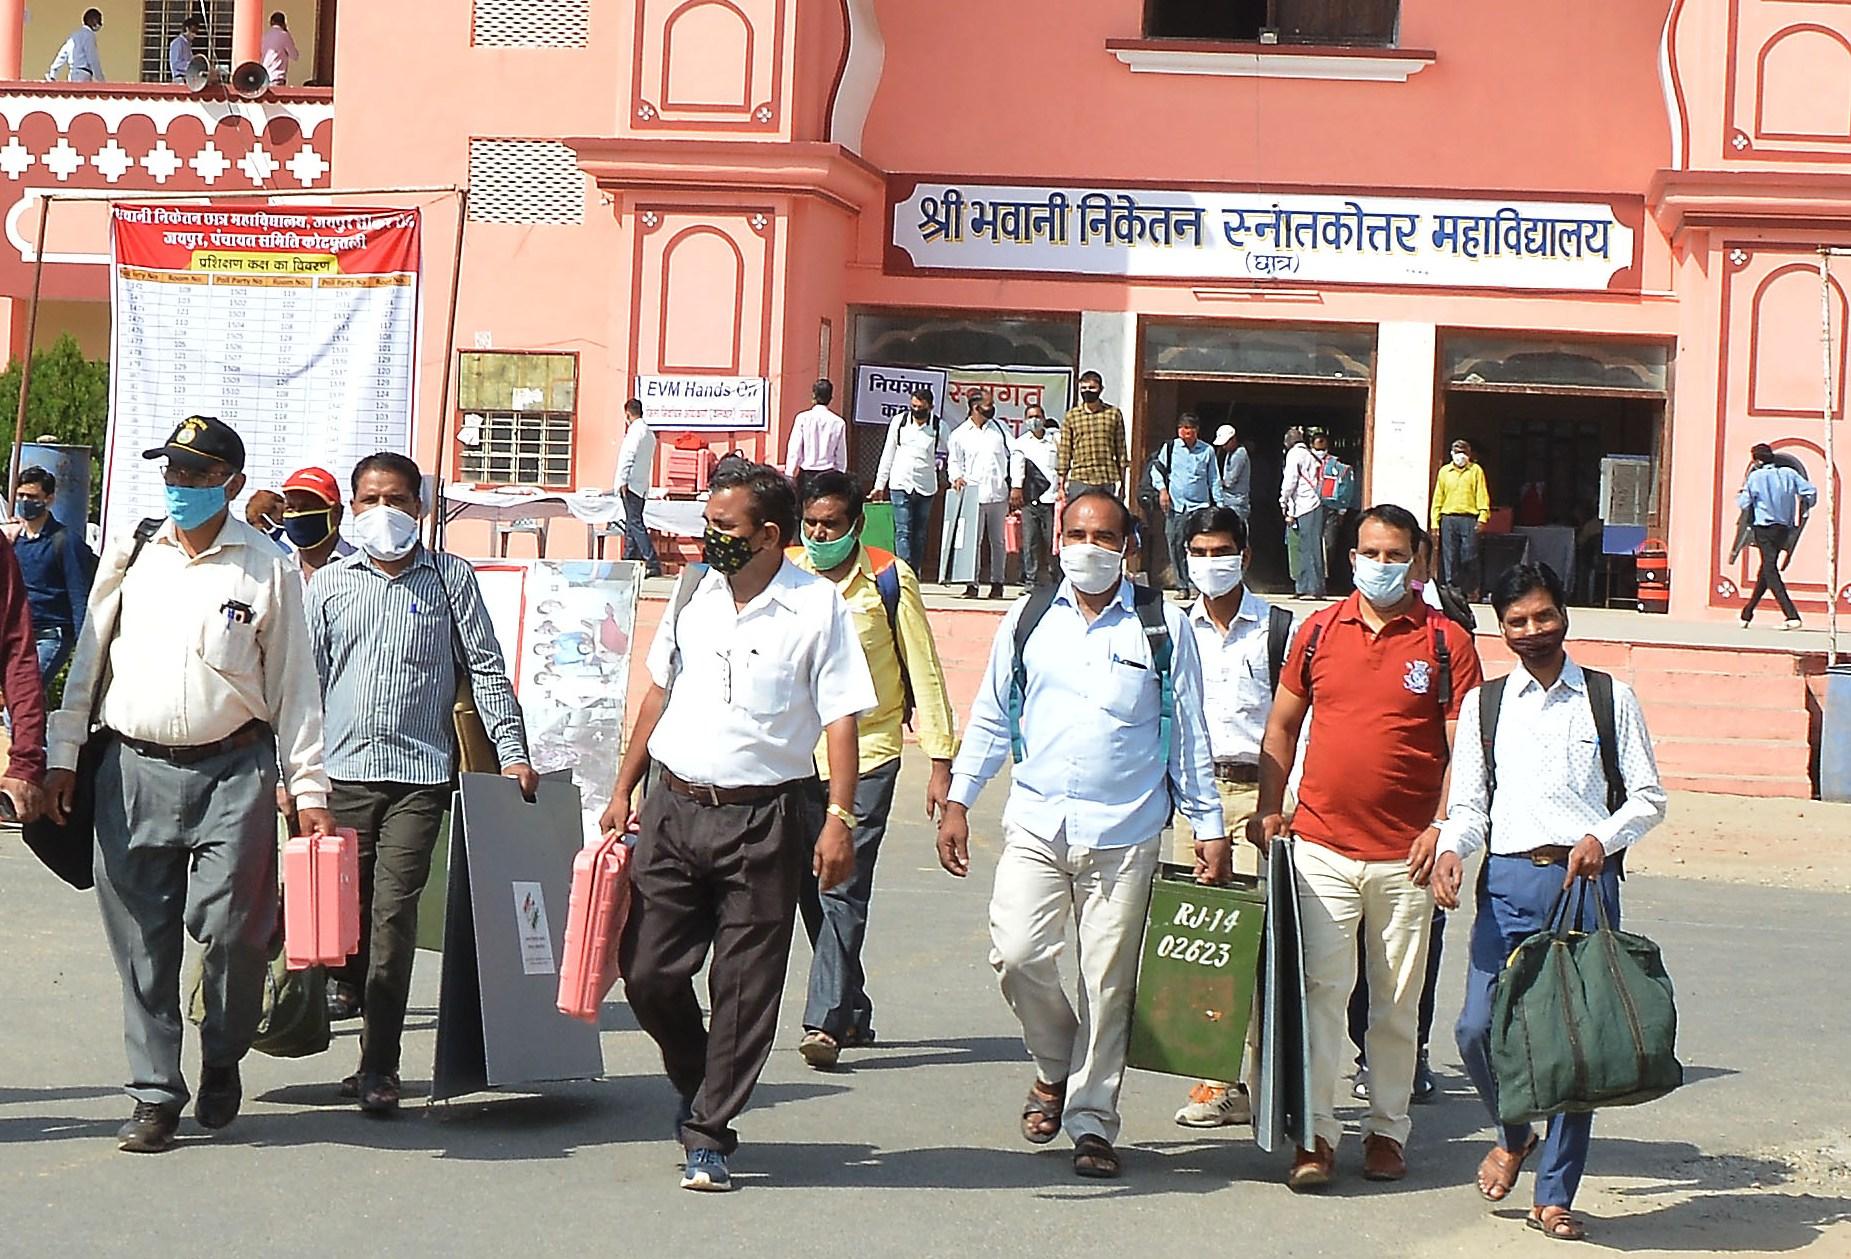 94 ग्राम पंचायतों में होगा 6 अक्टूबर को मतदान Kotputli News